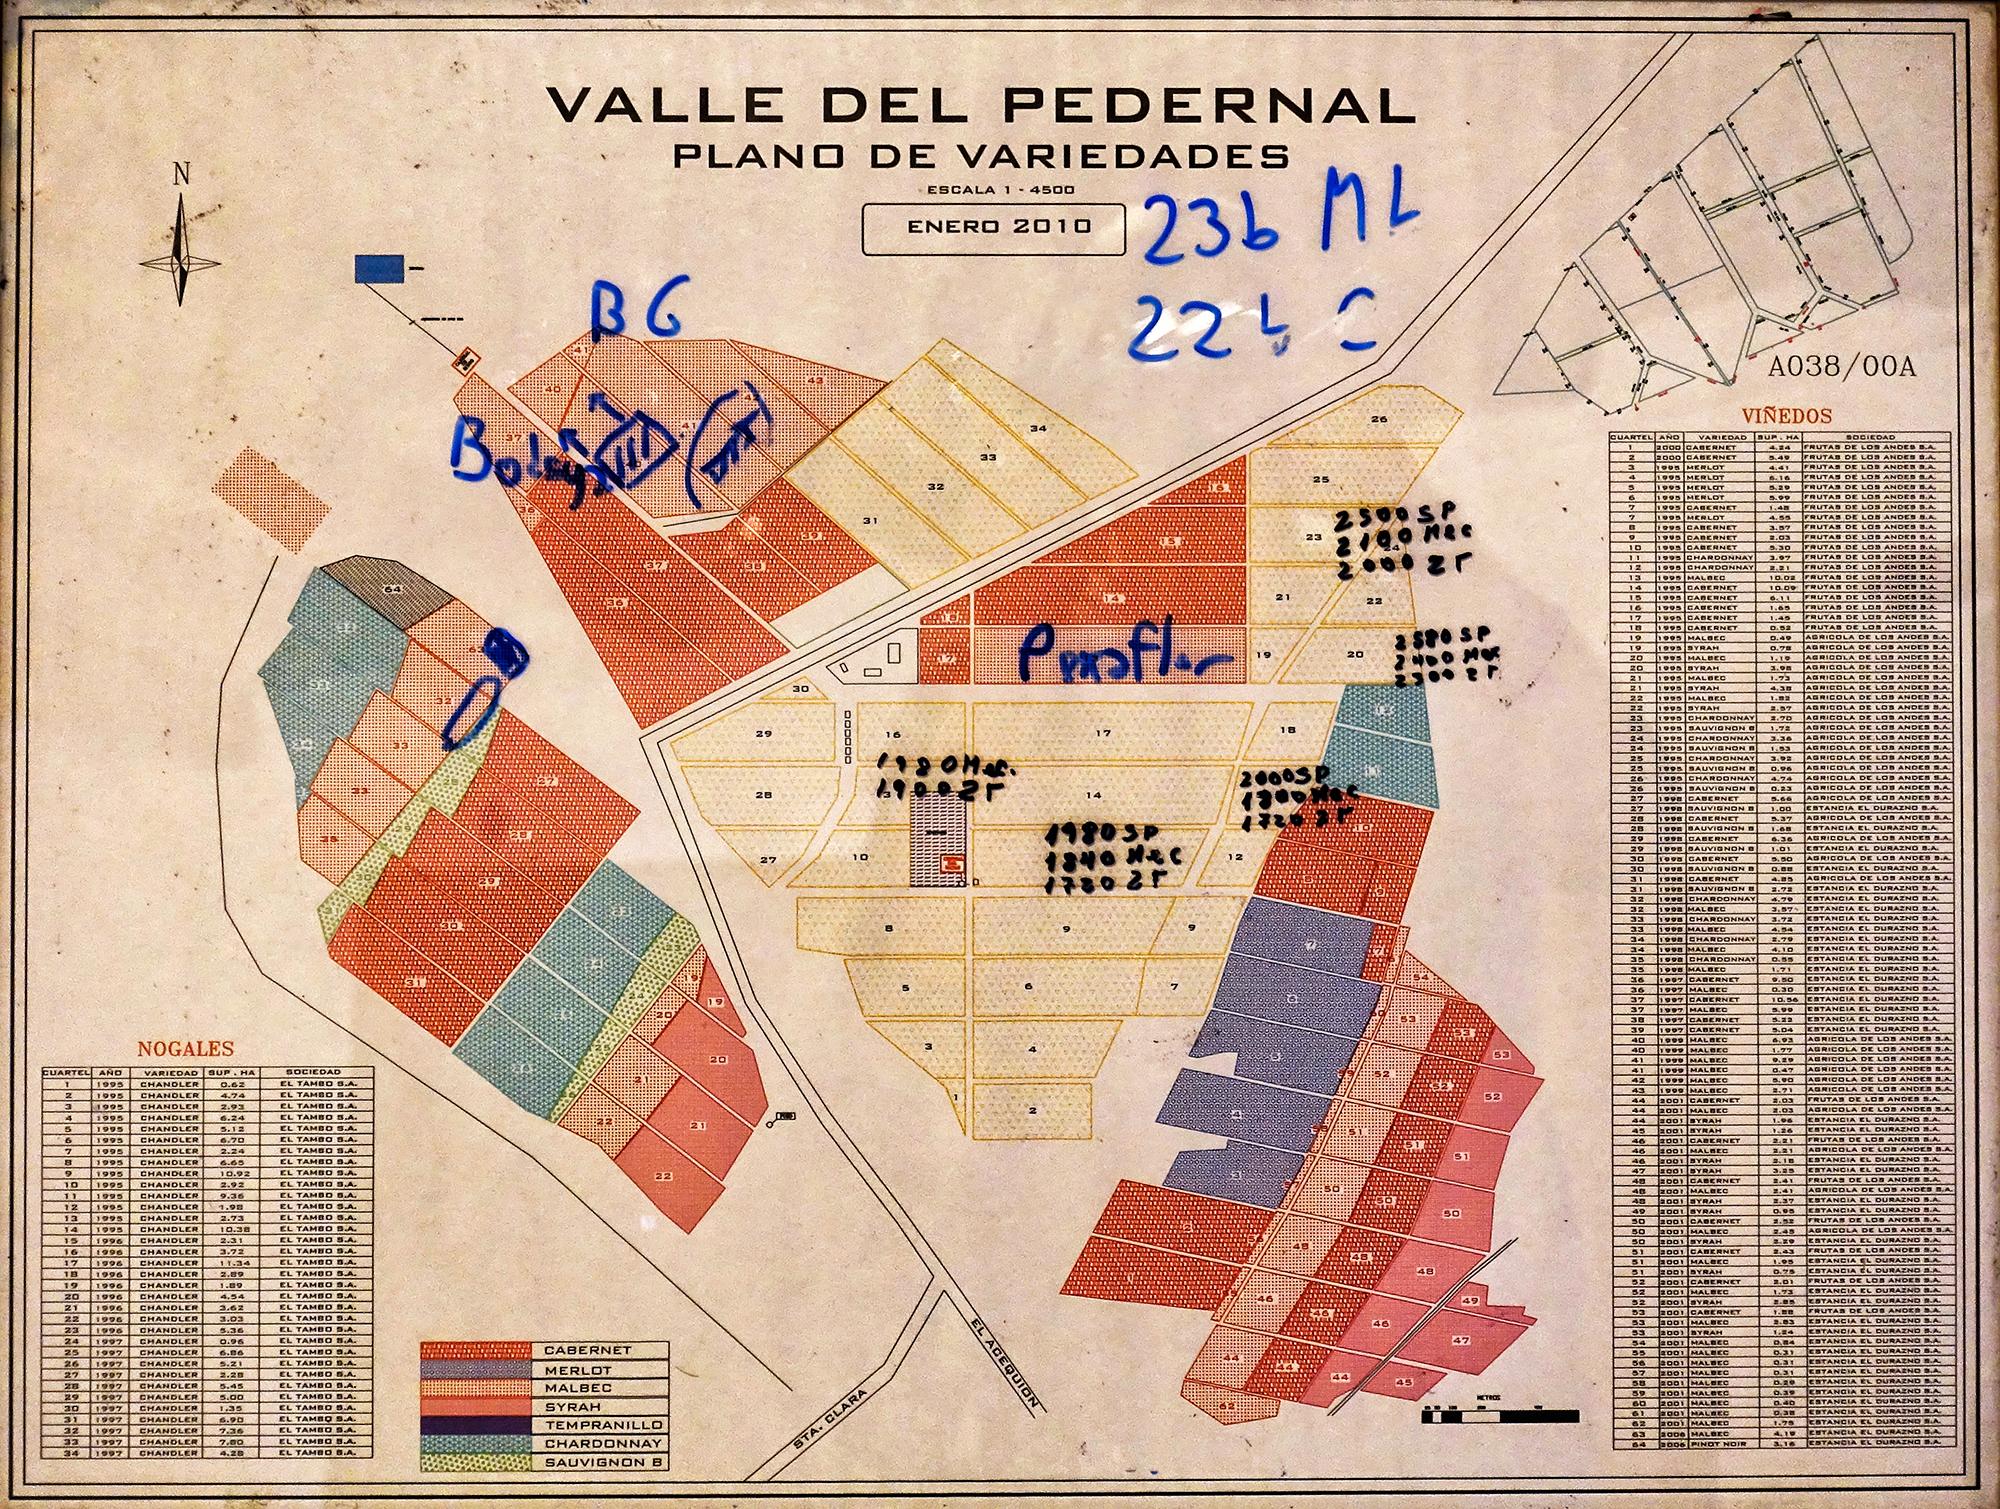 Plano de Variedades. El Valle del Pedernal, San Juan, Argentina, 2016